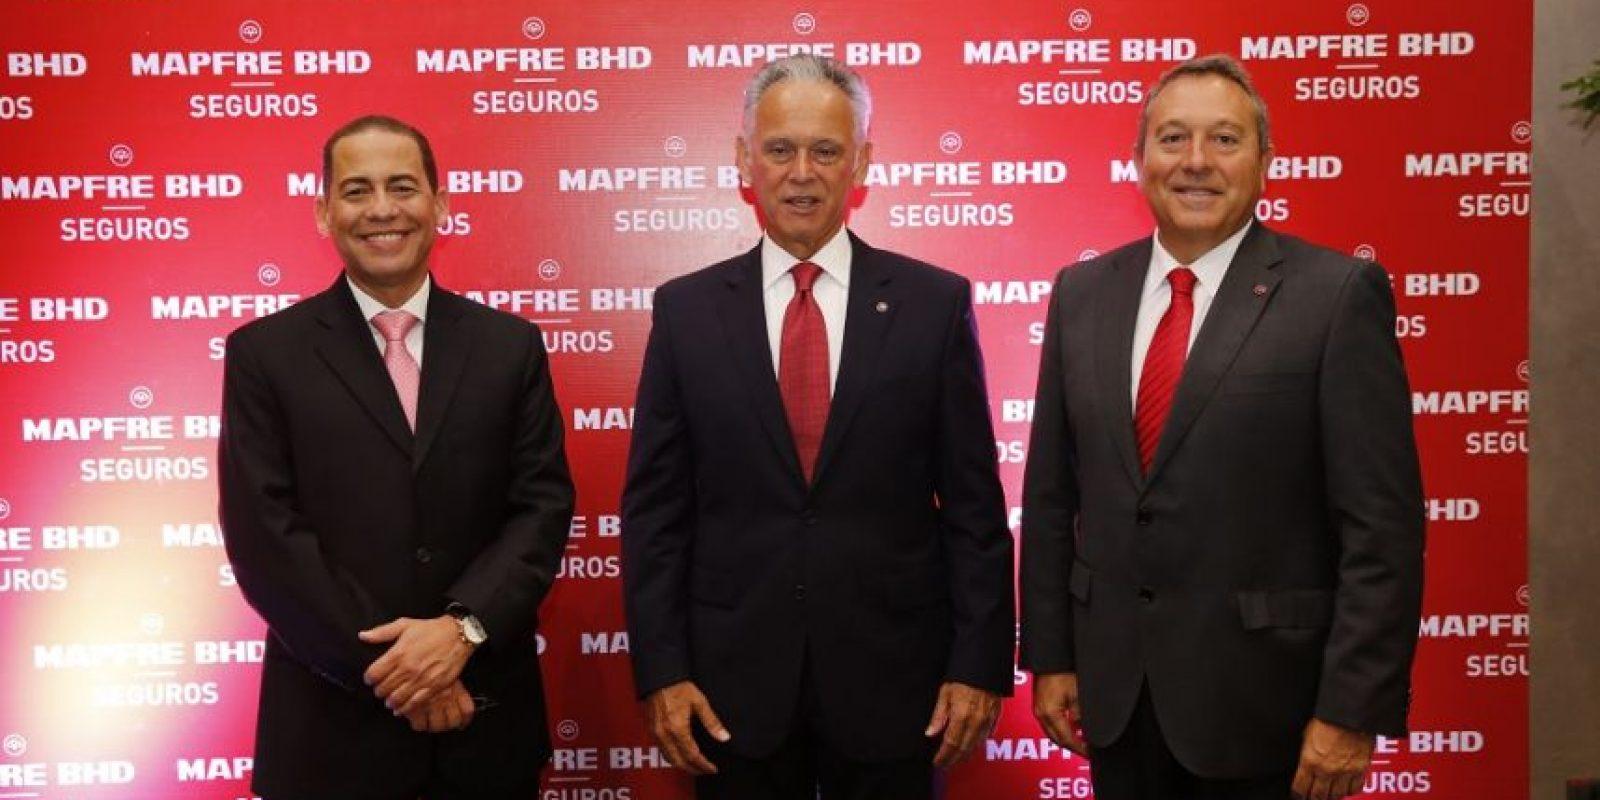 Ejecutivos de la compañía aseguradora, durante el encuentro financiero. Foto:Cortesía de Mapfre BHD